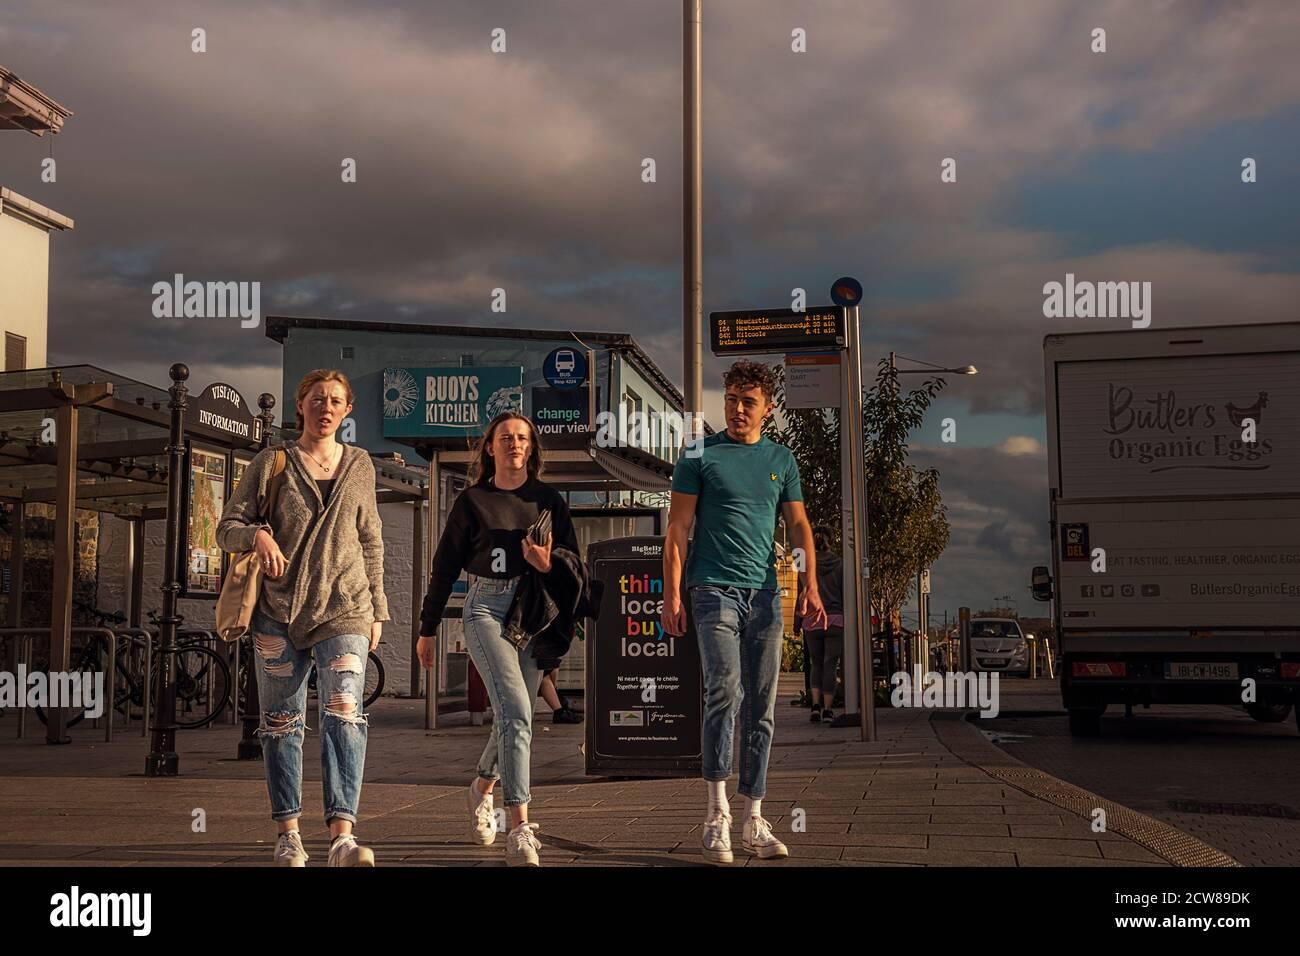 La vida cotidiana. Chicas y hombre caminando hacia la cámara en la calle principal alrededor de la estación de tren. Asistolia. Irlanda. Foto de stock